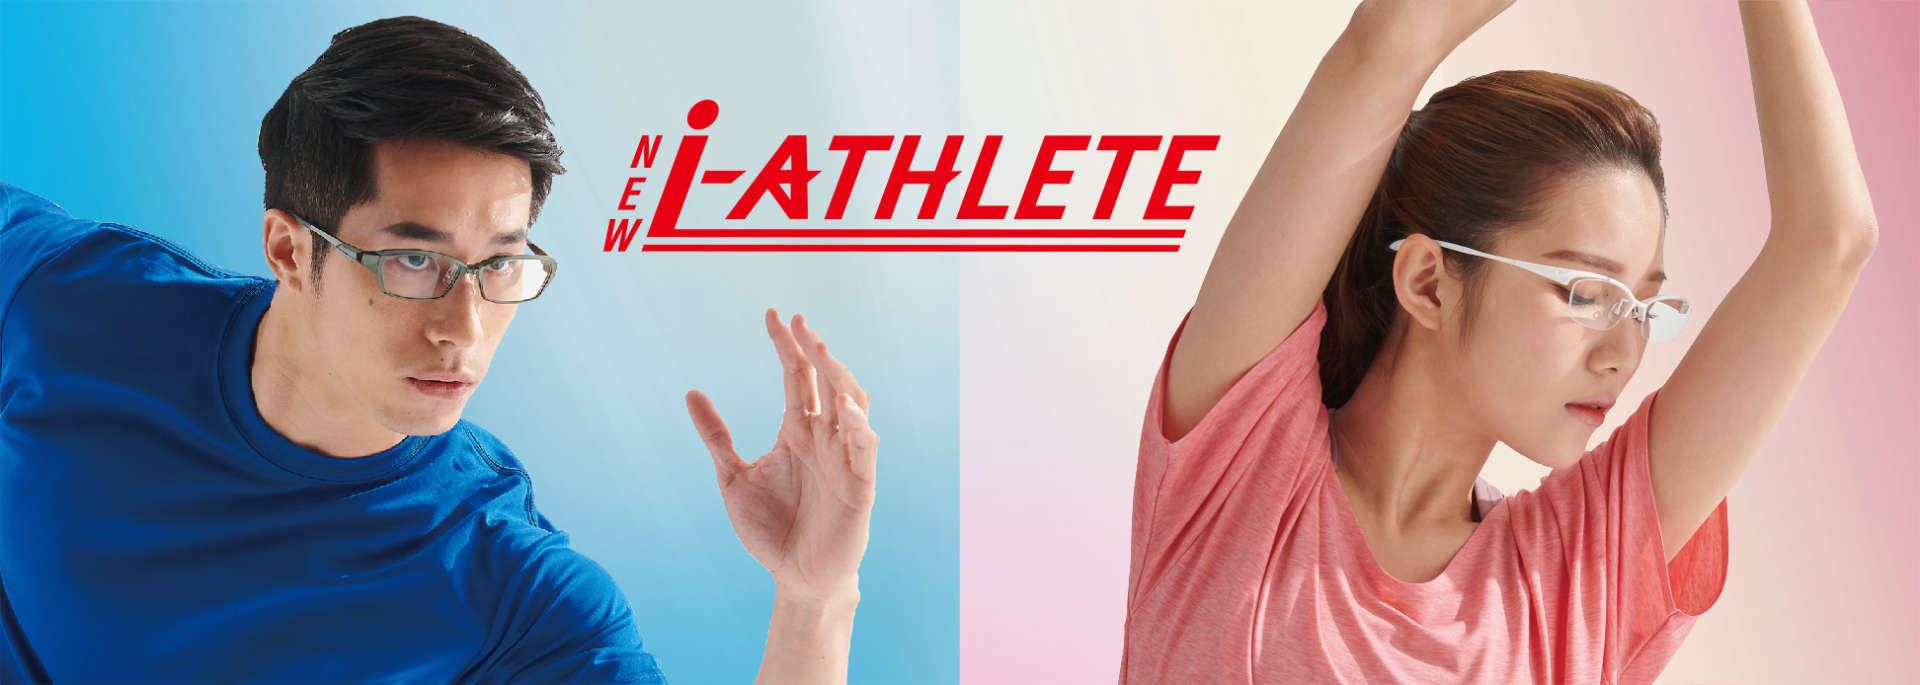 i-ATHLETE運動科技鏡框